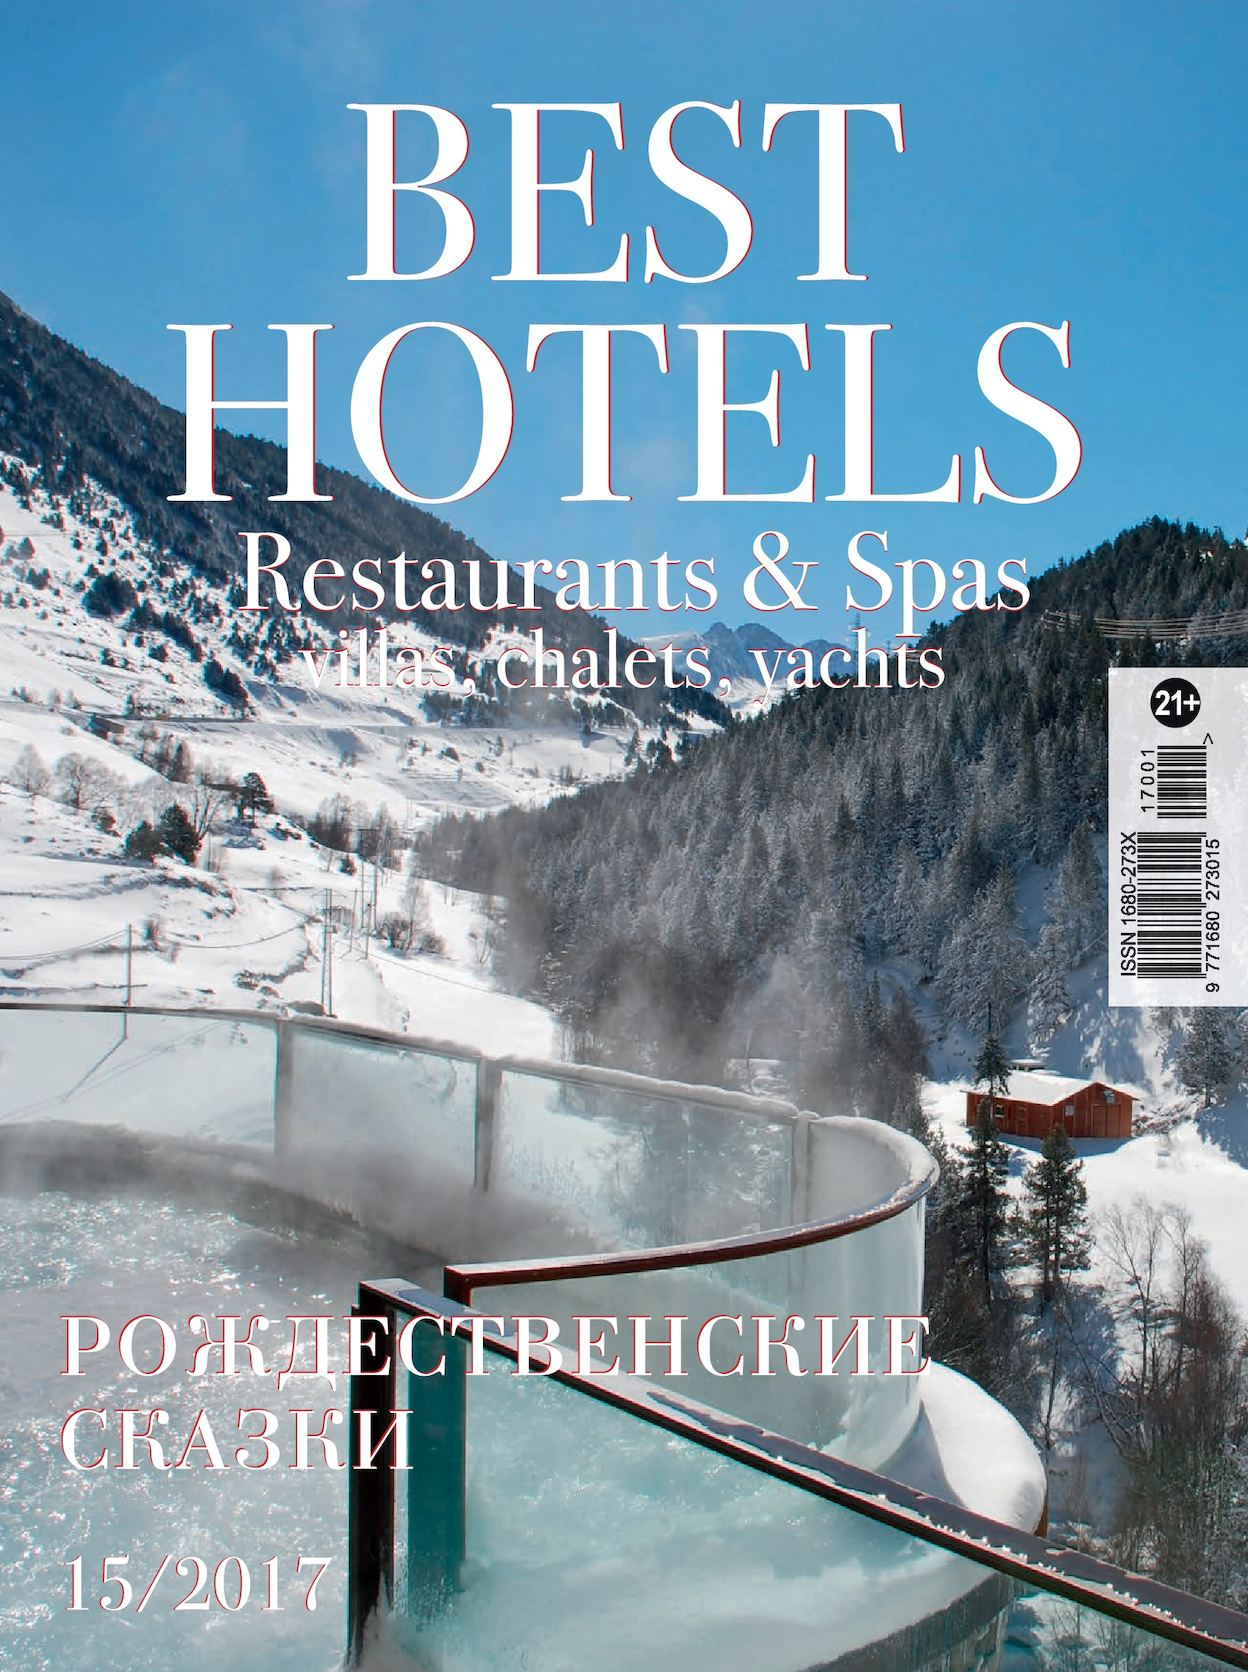 Best Hotels 15/2017 - Рождественские сказки